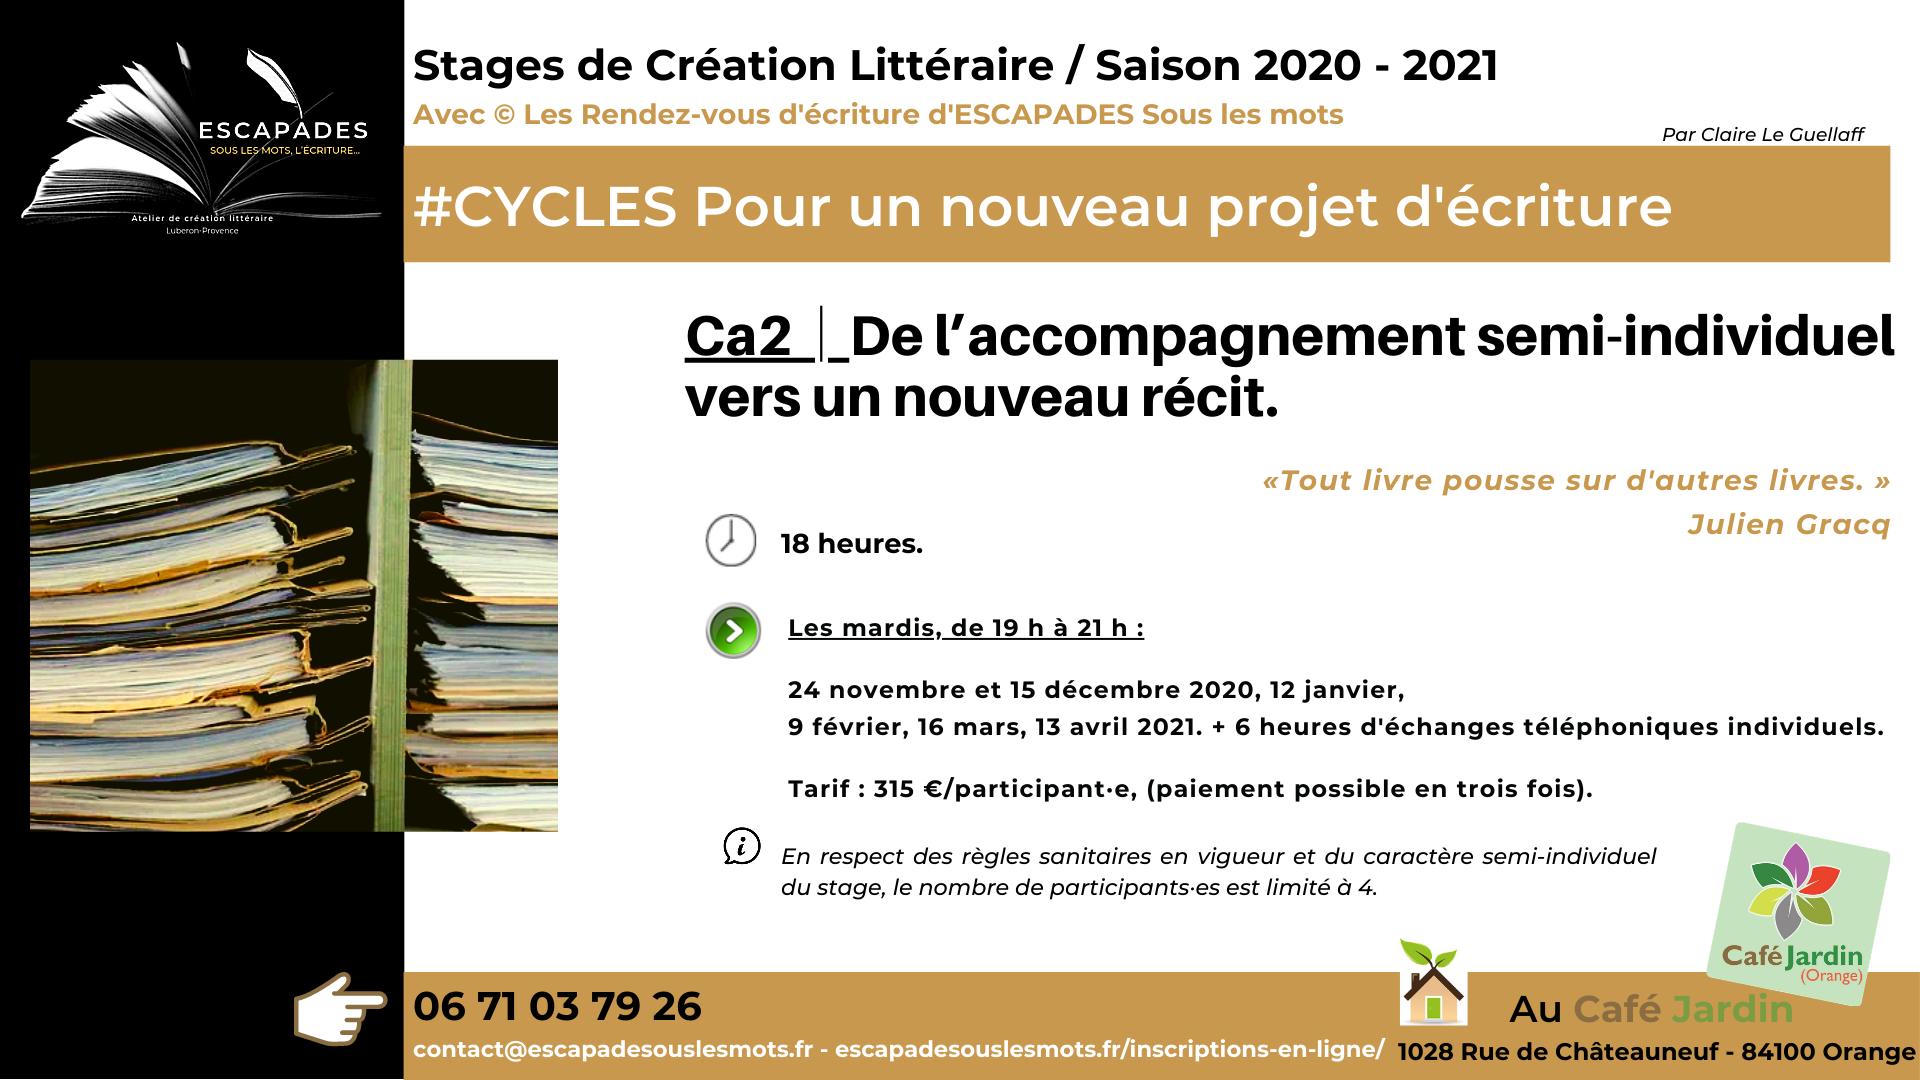 ESCAPADES Sous les mots - #CYCLES Ca2 / Prog Saison 2020-2021Café jardin_2